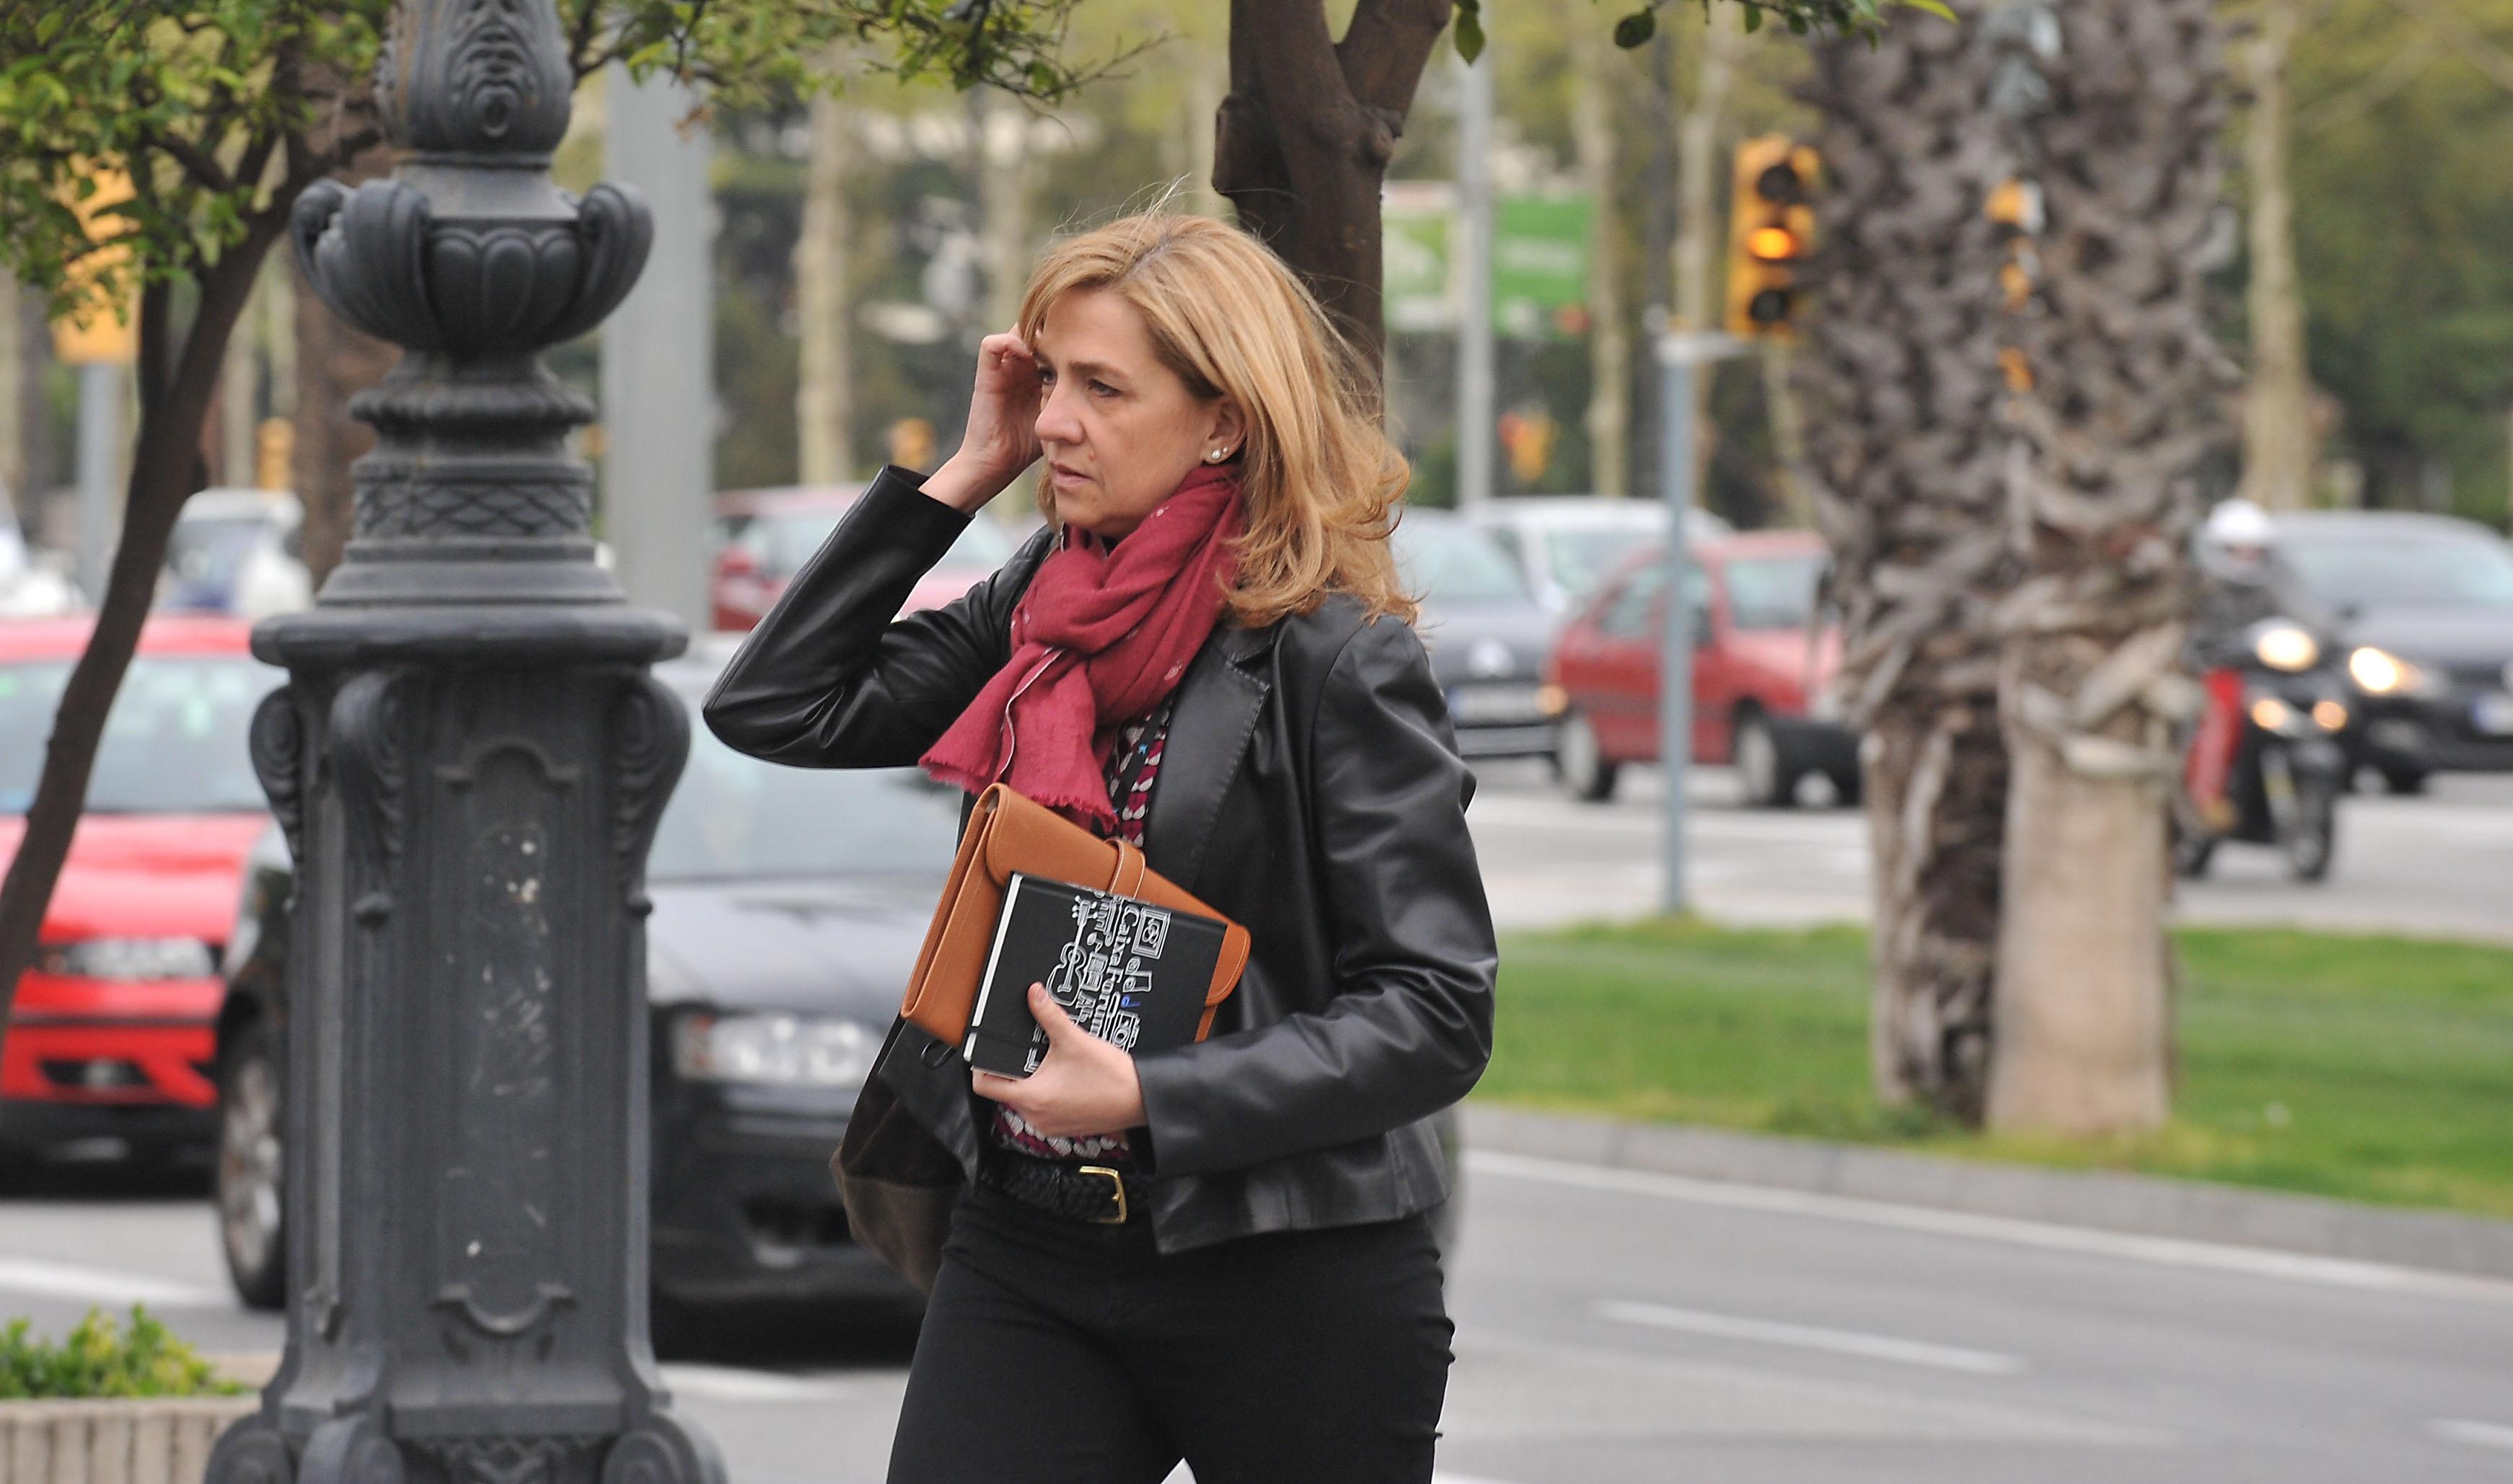 La infanta Cristina es la presidenta de Aizoon, certifica ahora Hacienda al juez Castro